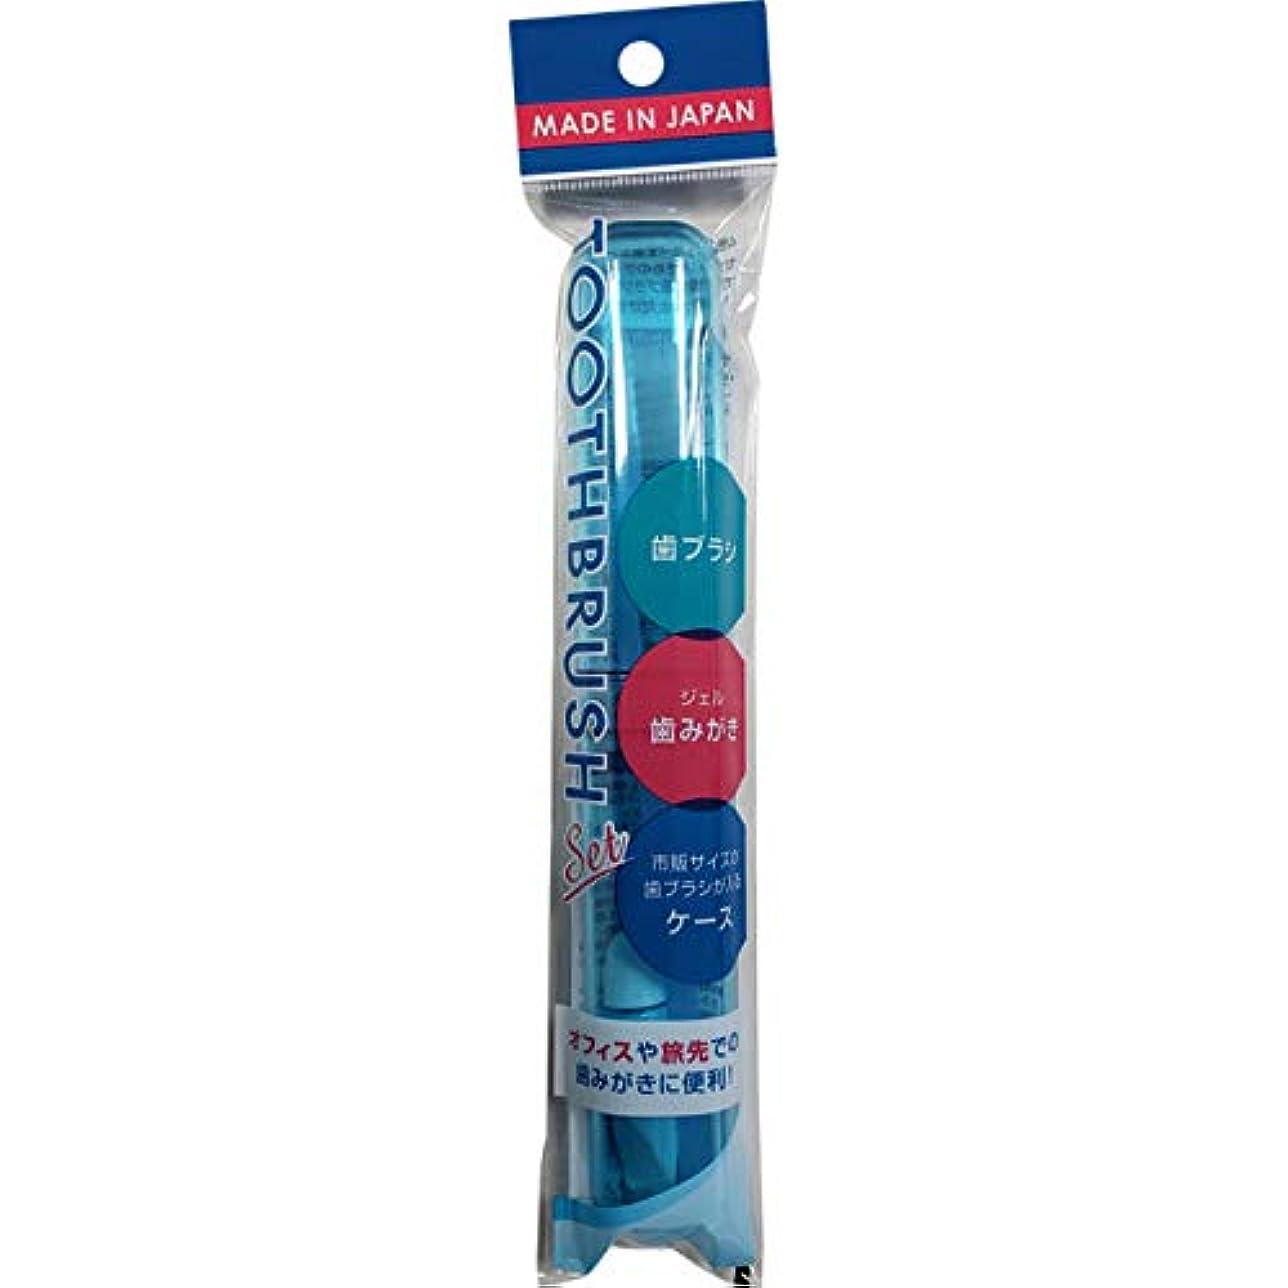 閉じるスロー配当【8個セット】歯ブラシ&ジェル歯みがきケースセット